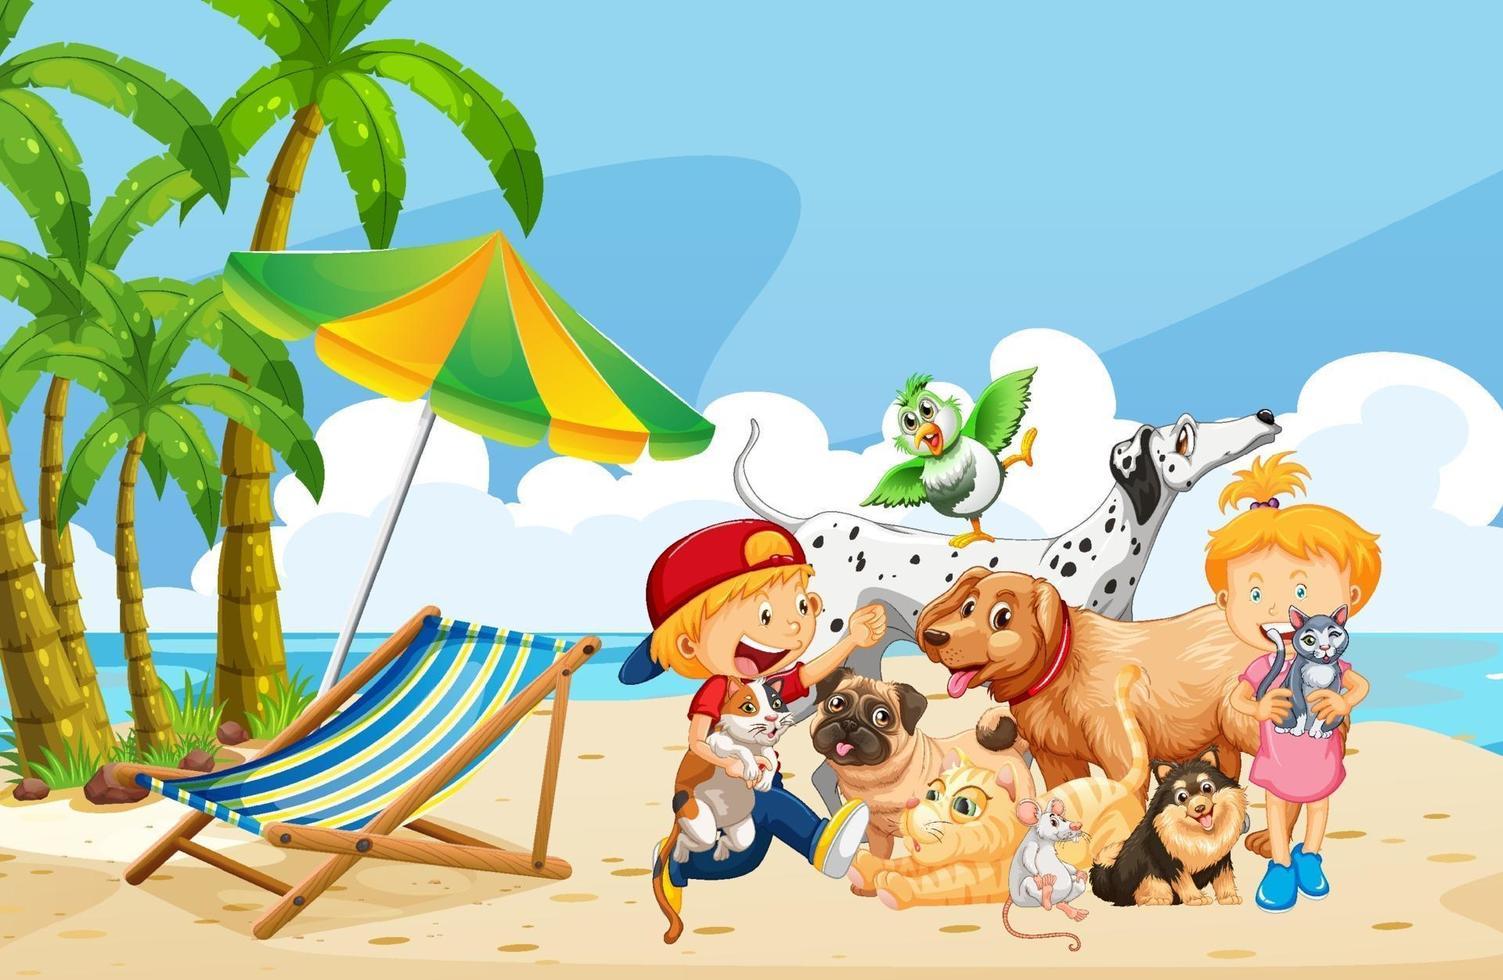 strand utomhus scen på dagtid med grupp husdjur och barn vektor